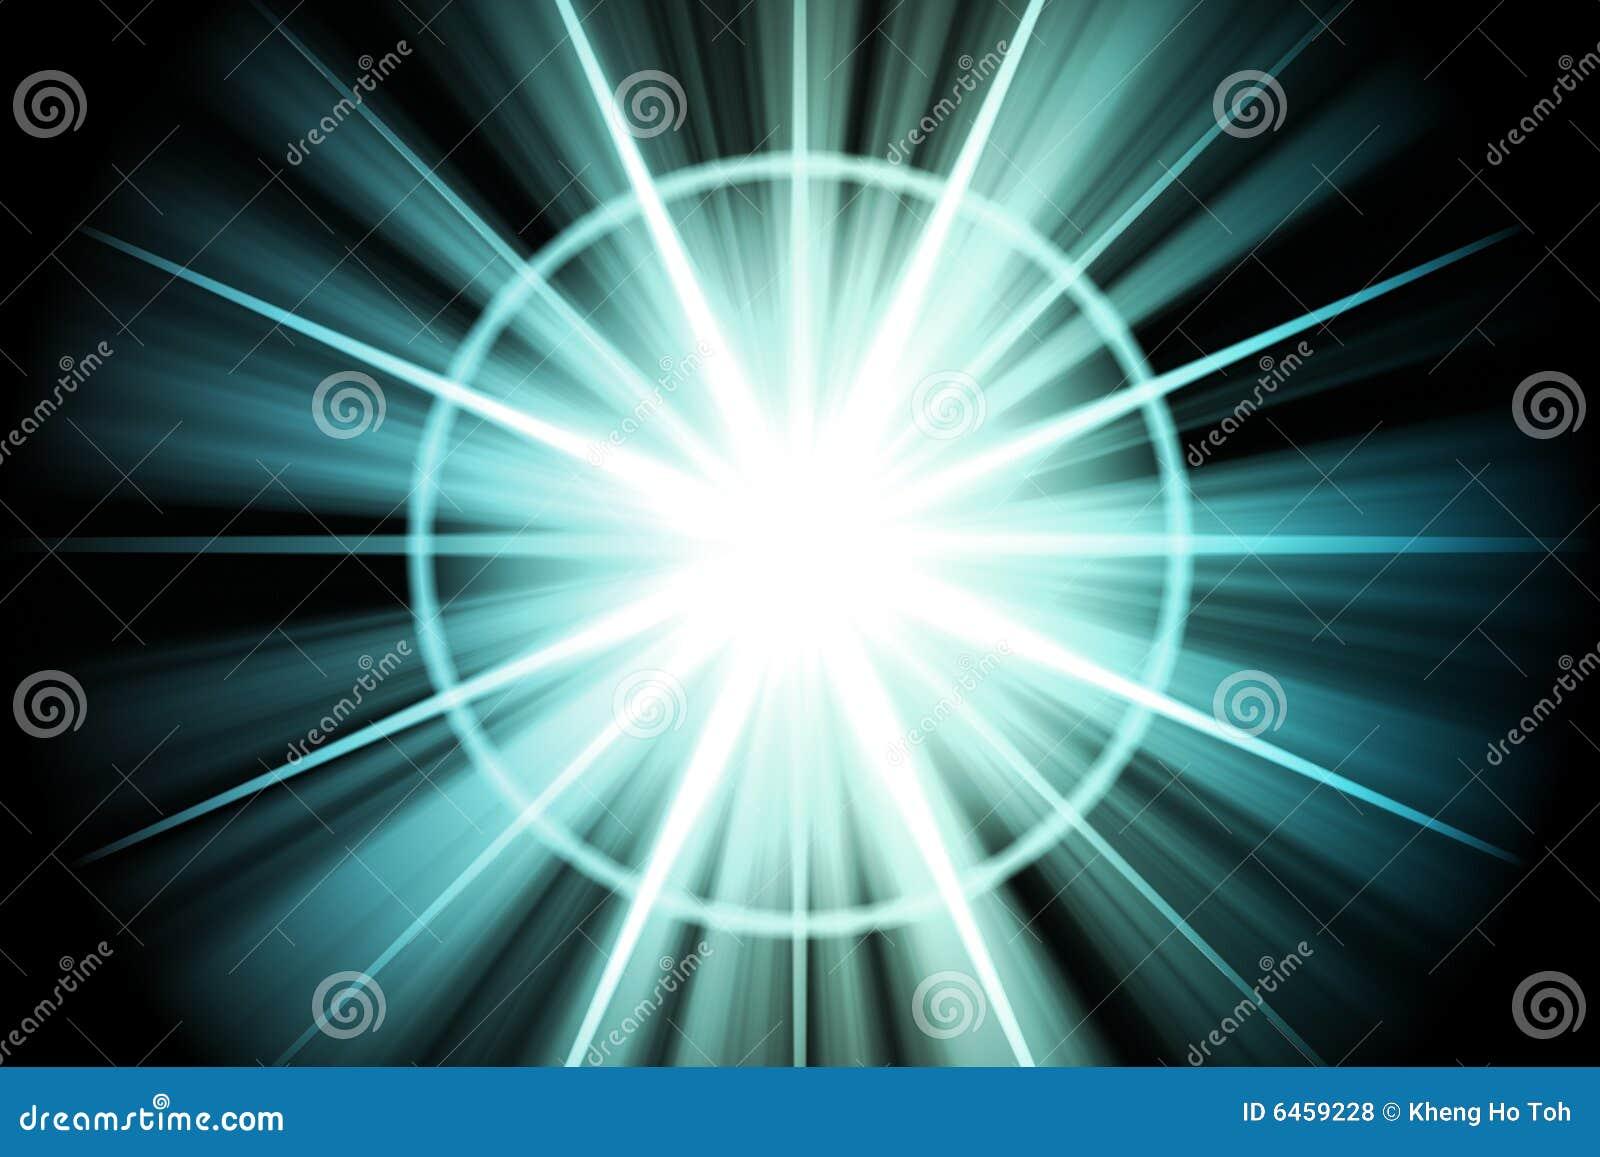 Niebieskiej gwiazdy sunburst abstrakcyjne